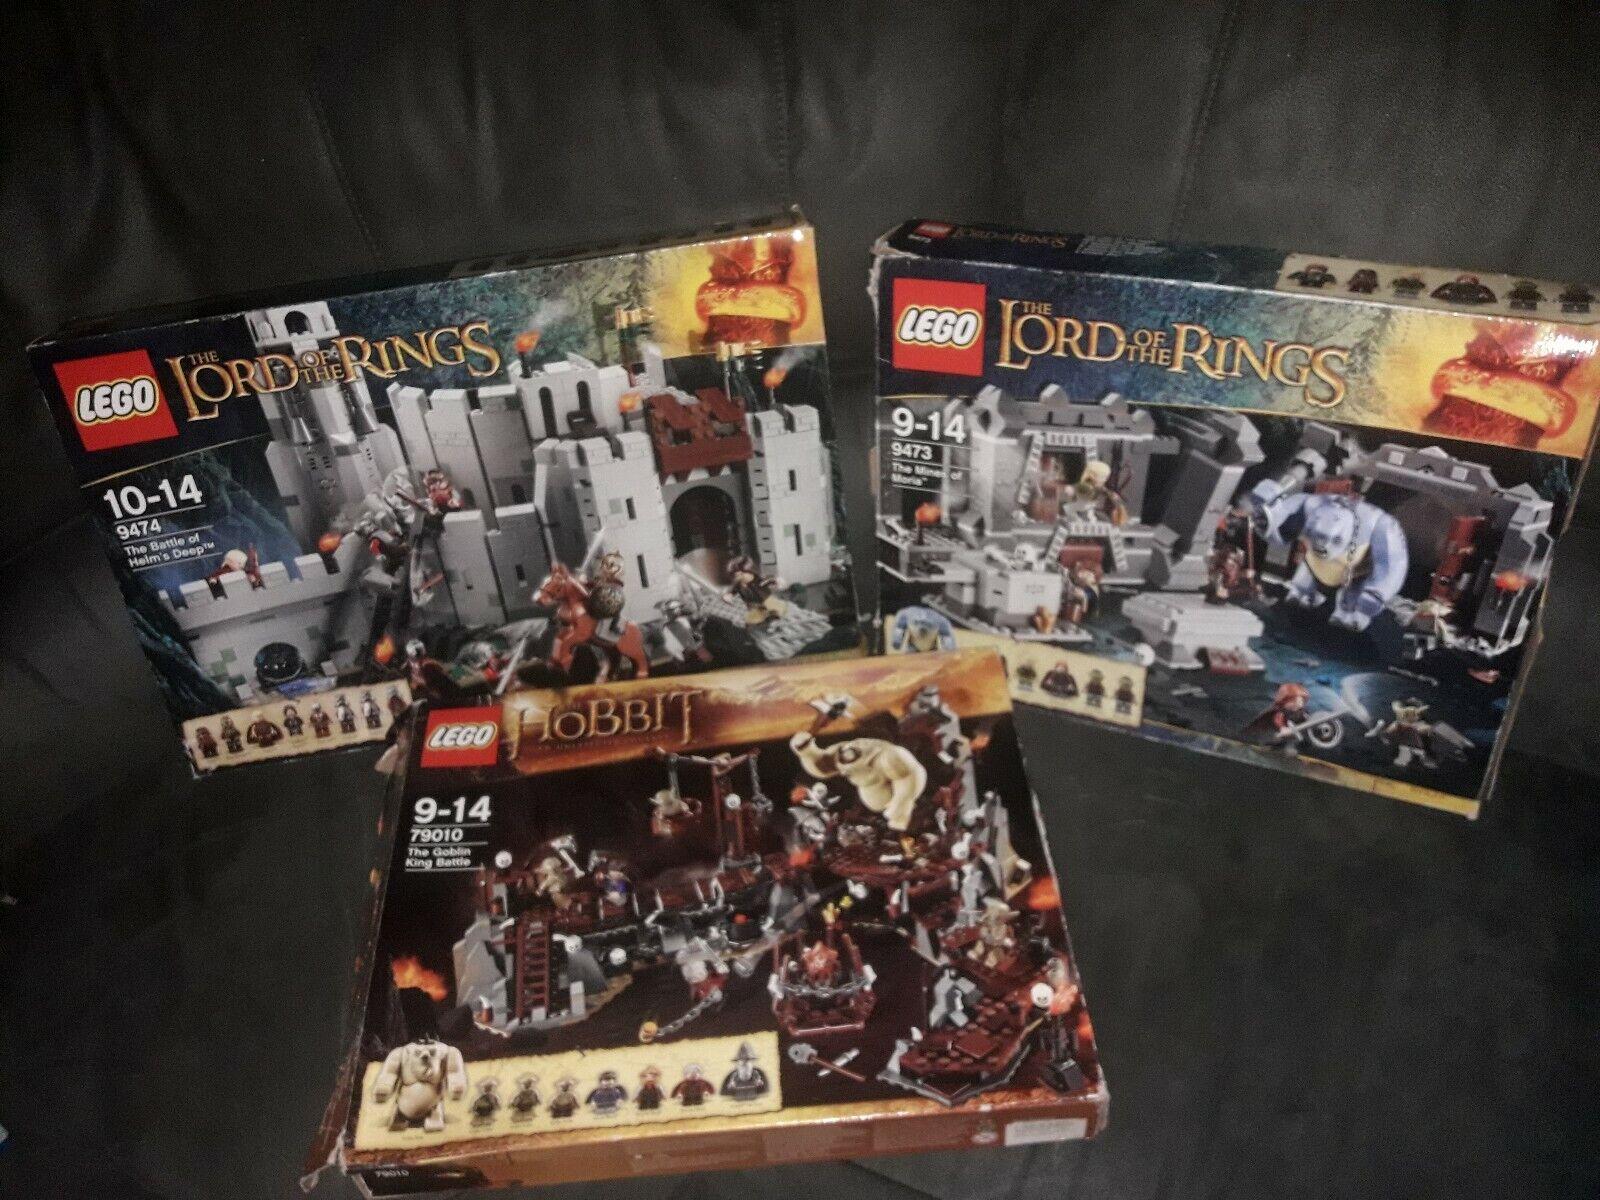 LEGO Il Signore  degli Anelli e Hobbit SCATOLE VUOTE  online economico